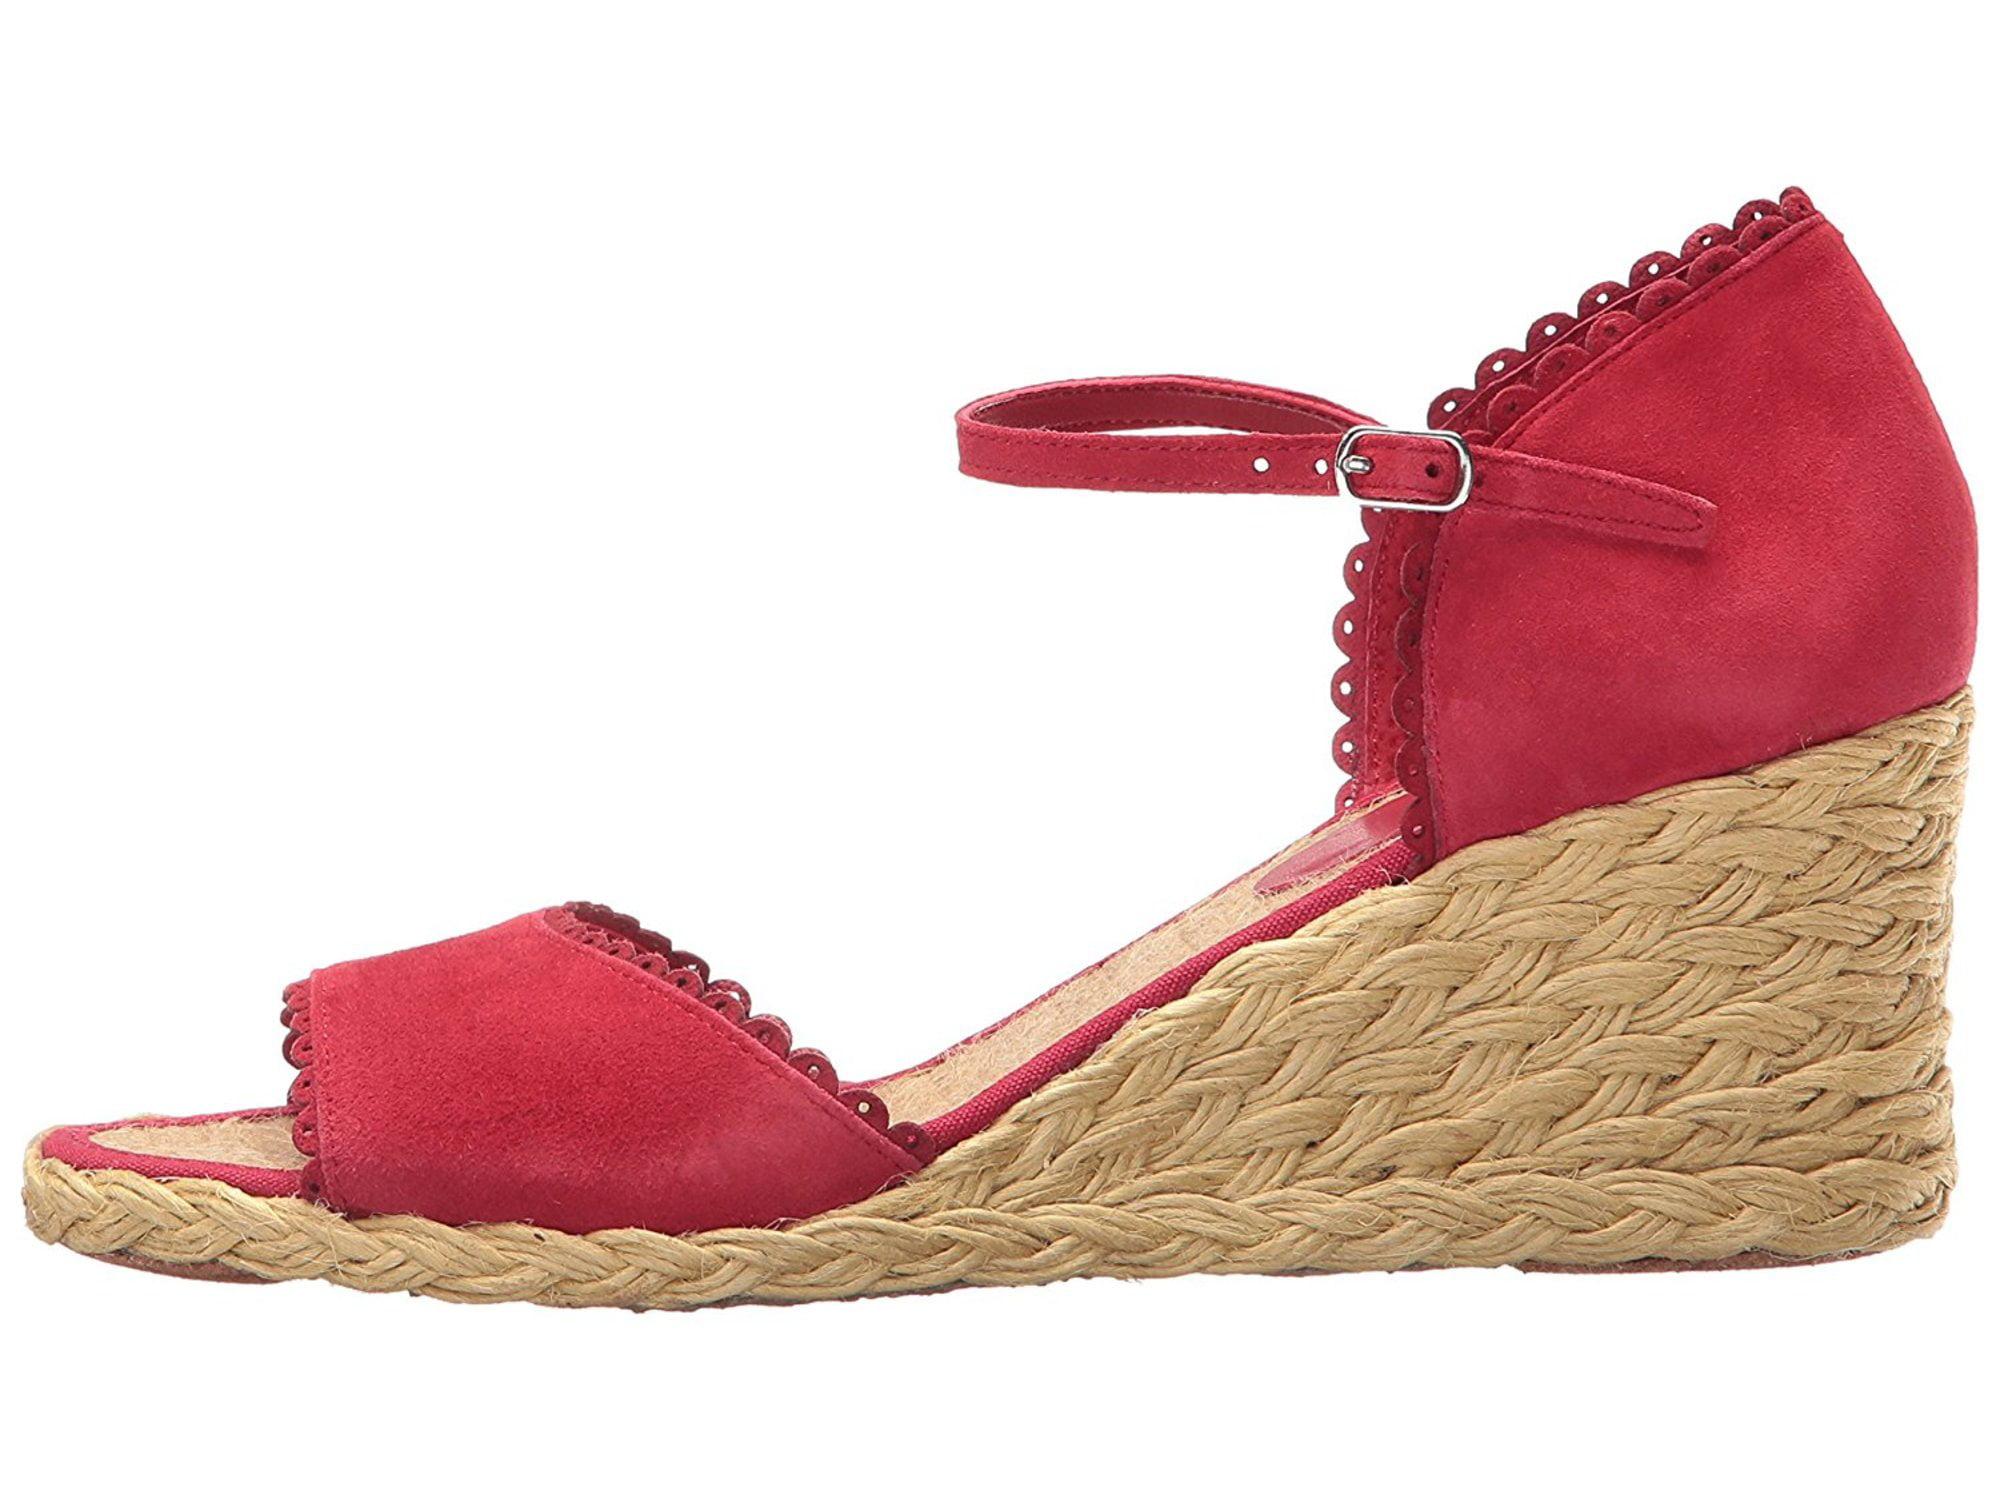 LAUREN by Ralph Lauren Womens Chrissie Leather Open Rouge Kidsuede Size 75